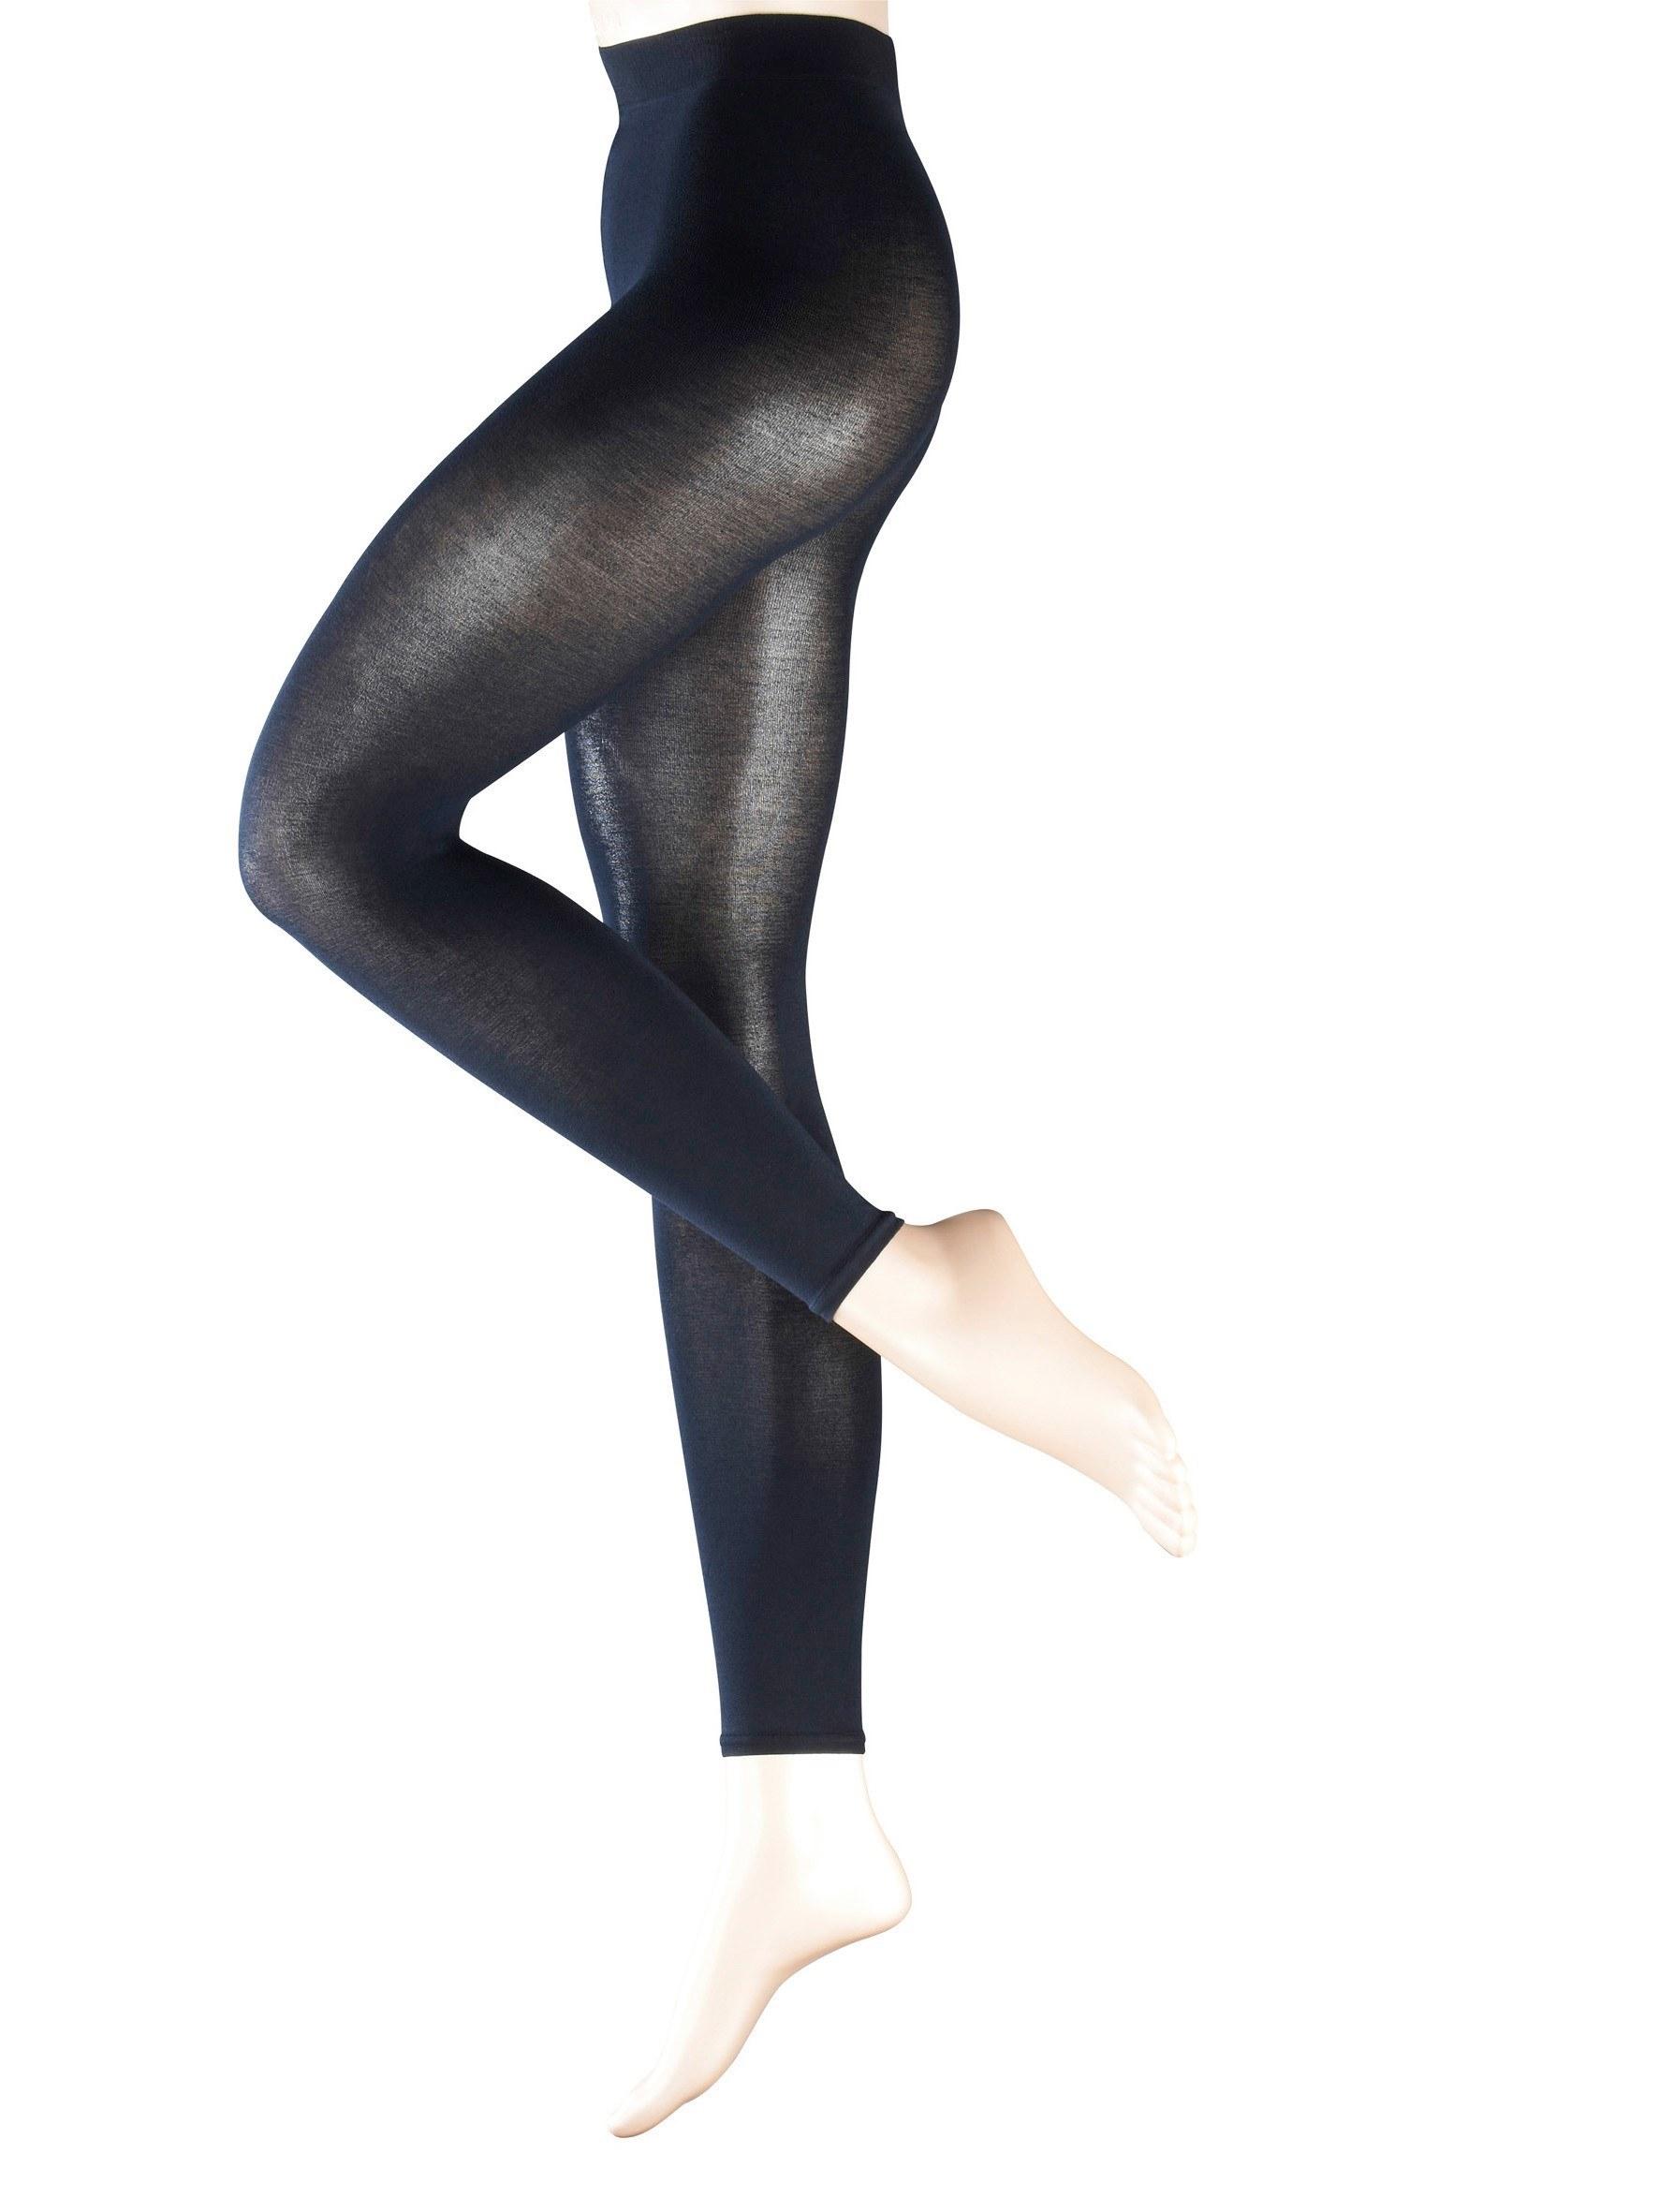 6c51e7db4c2 Leggings. Moderigtige leggings - flotte modeller